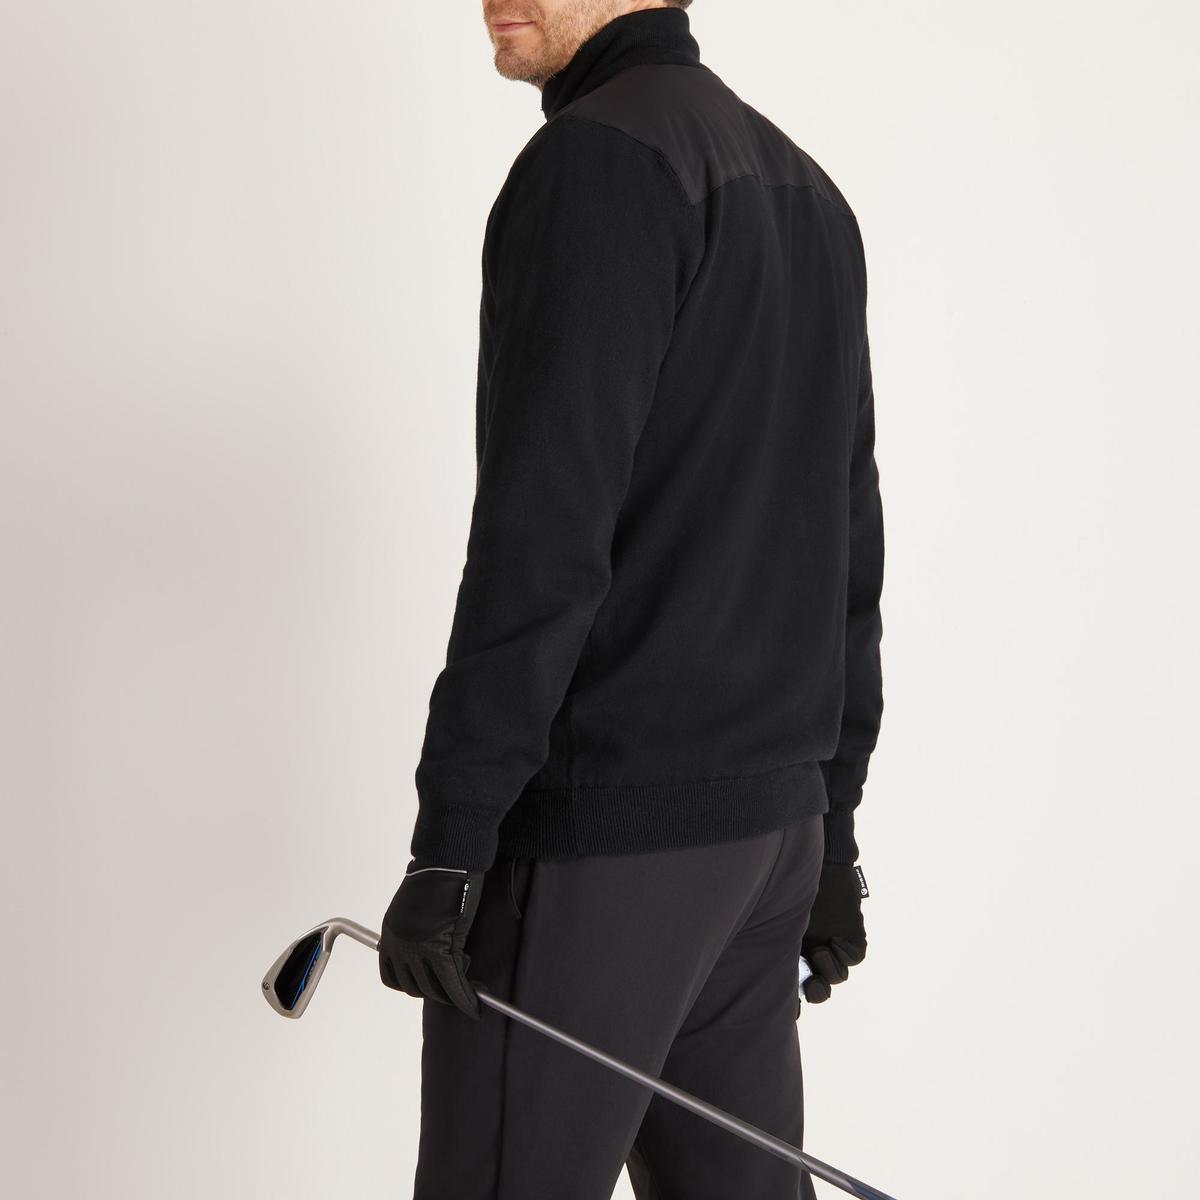 Bild 5 von Golf Pullover winddicht warm Herren schwarz